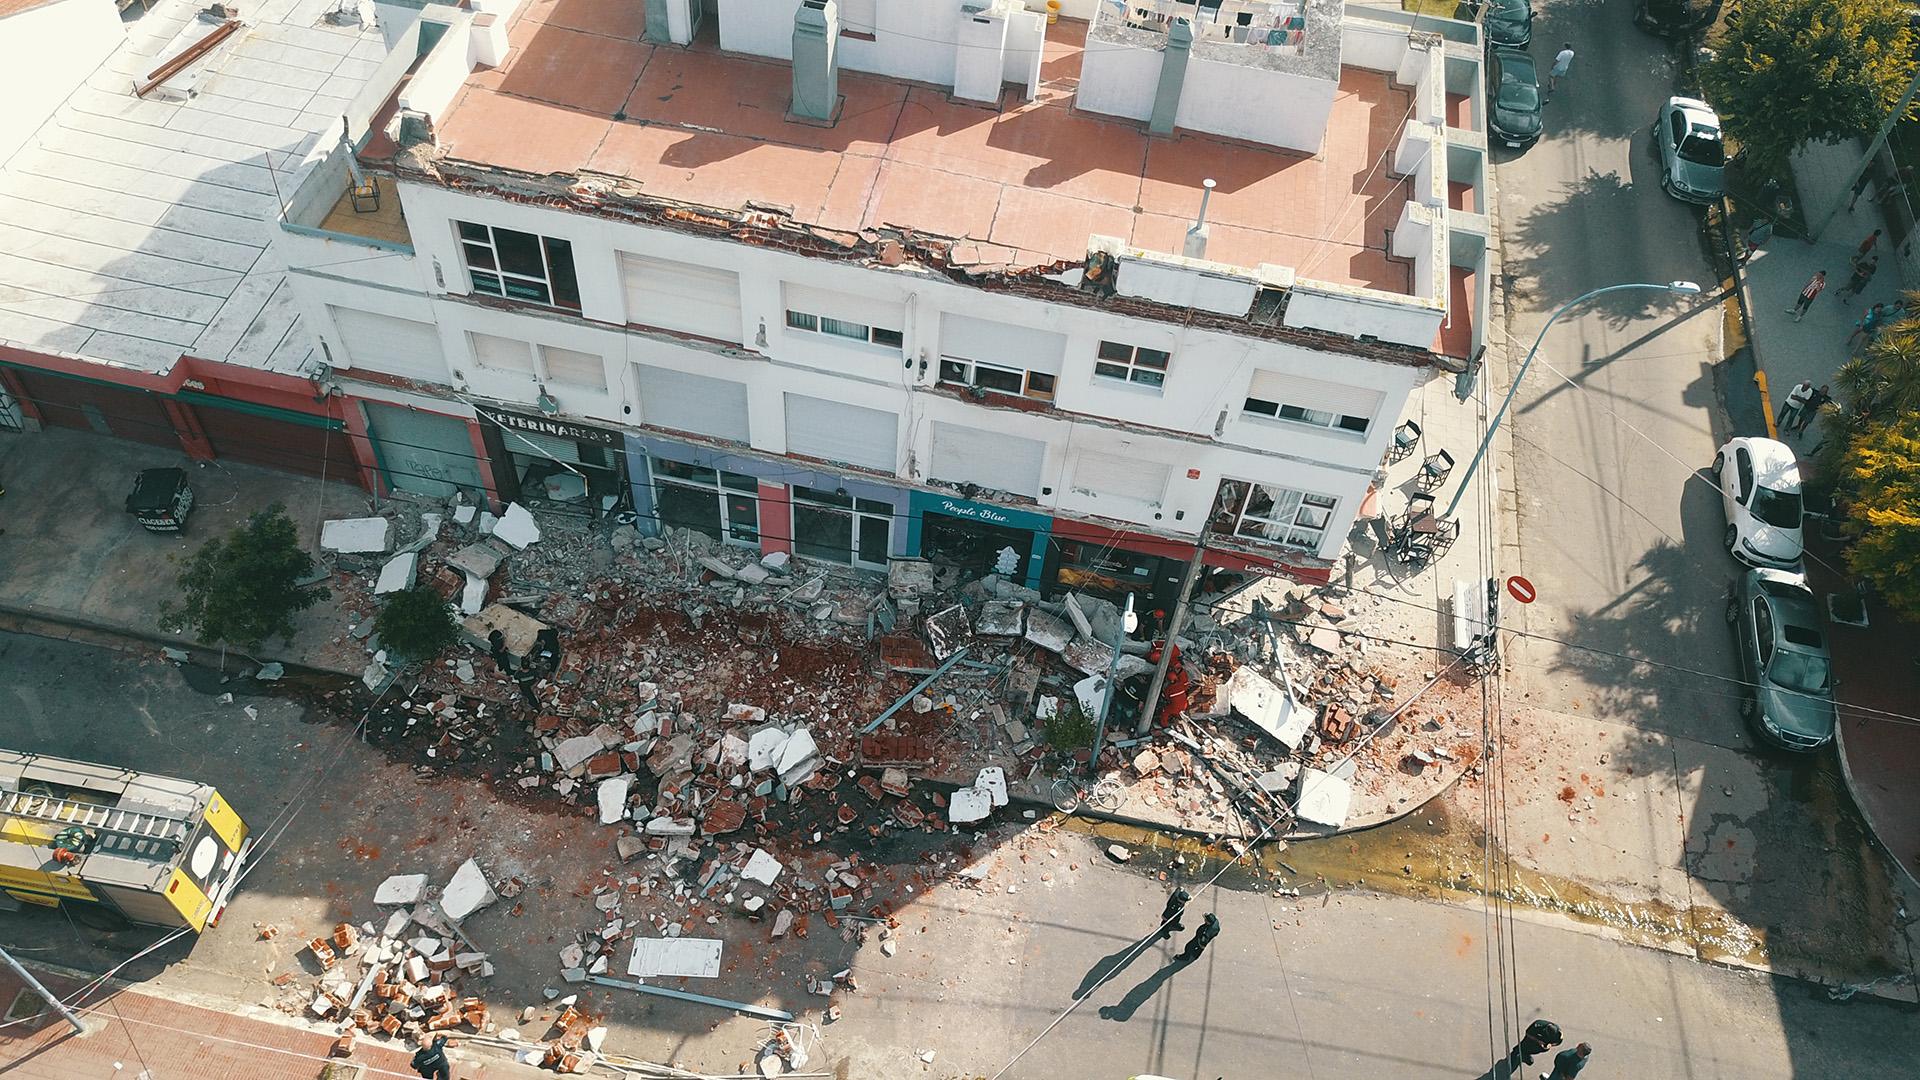 Tres balcones se derrumbaron en un edificio de Mar del Plata. Murieron una mujer de 35 años y su hija de 3 años (Christian Heit)